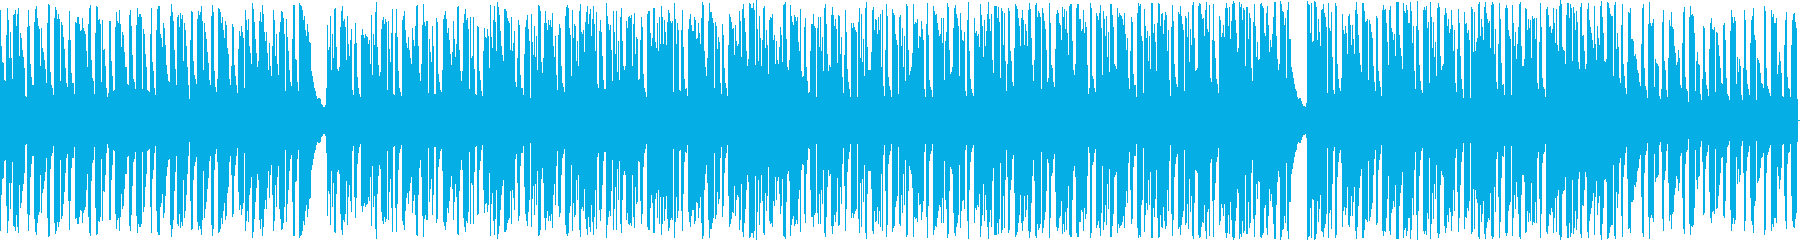 ハロウィン向けワルツ風ループ楽曲の再生済みの波形